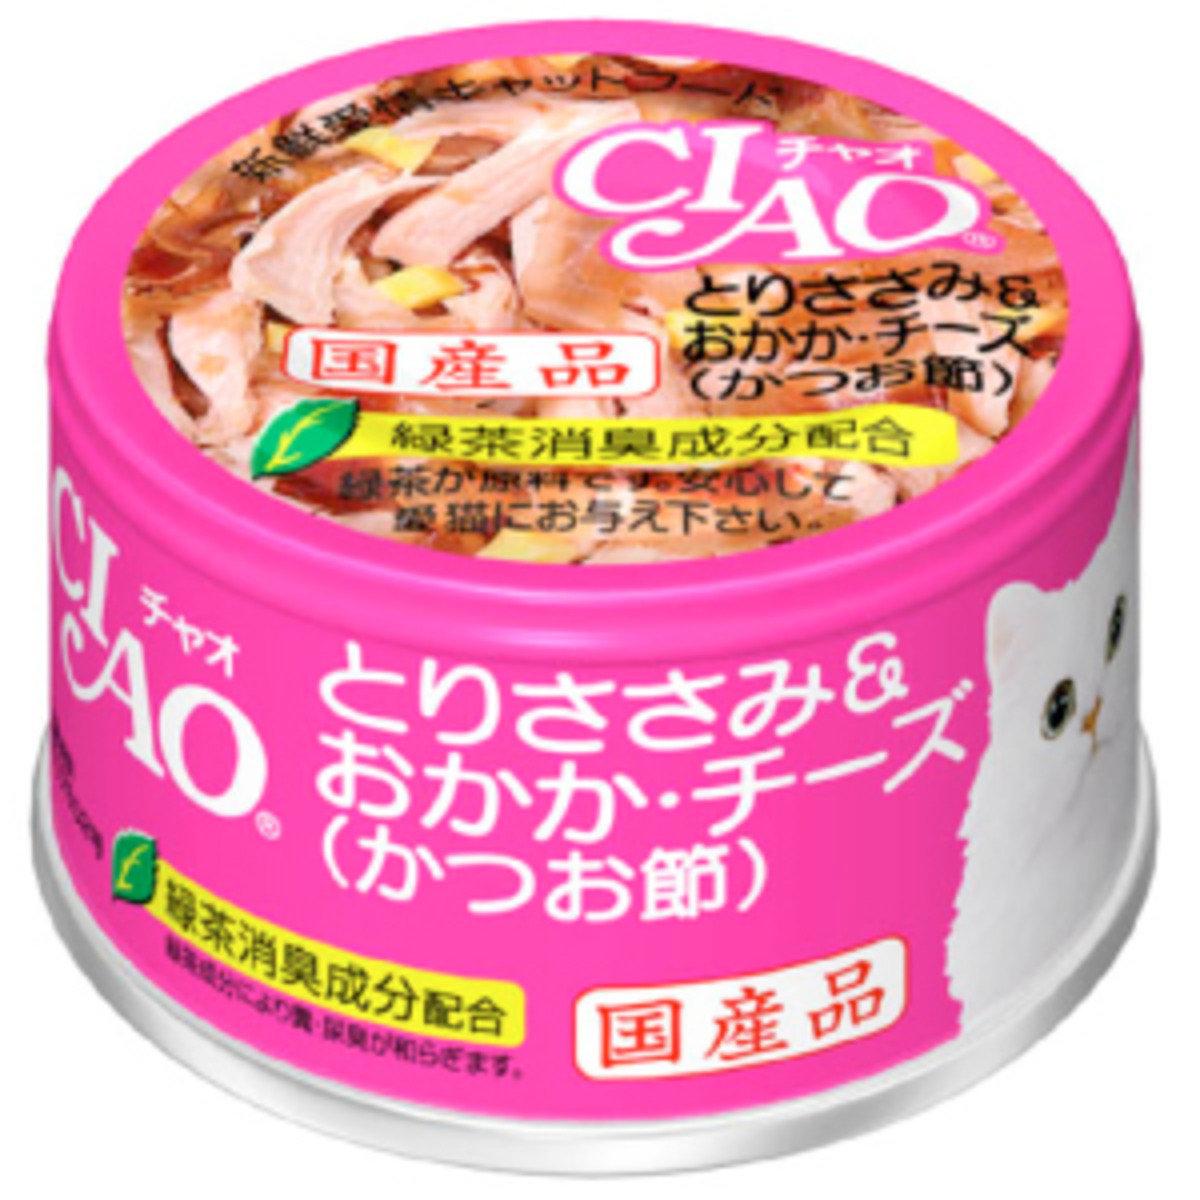 日本CIAO綠茶雞肉鰹魚芝士 C-17